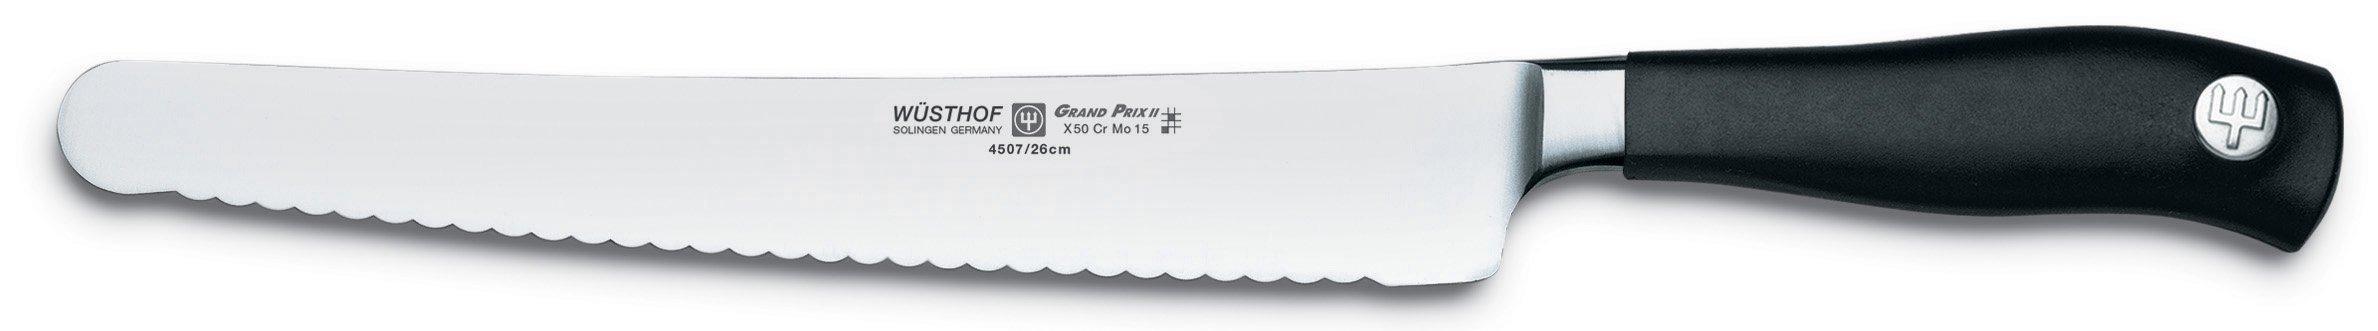 Wüsthof Grand Prix II Super Slicer